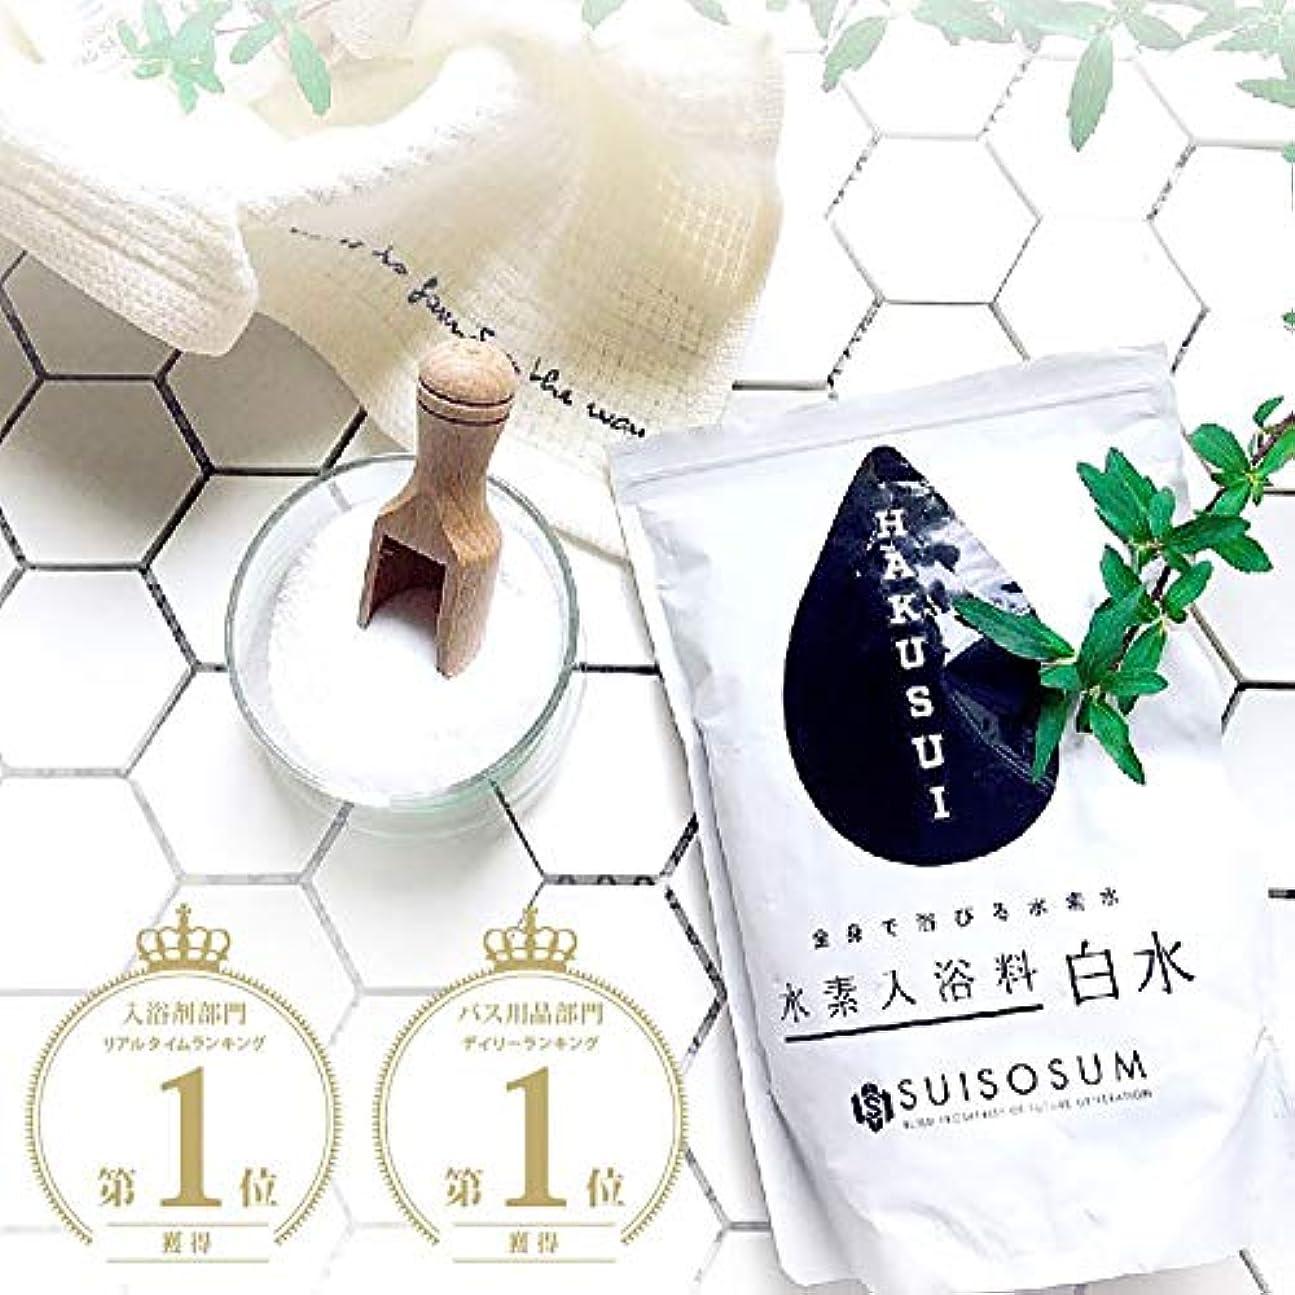 ブルゴーニュクリーナーミント水素入浴剤 【HAKUSUI】(白水)750g 30回分〔温活 美肌 シルク湯 冷え性 水素入浴〕